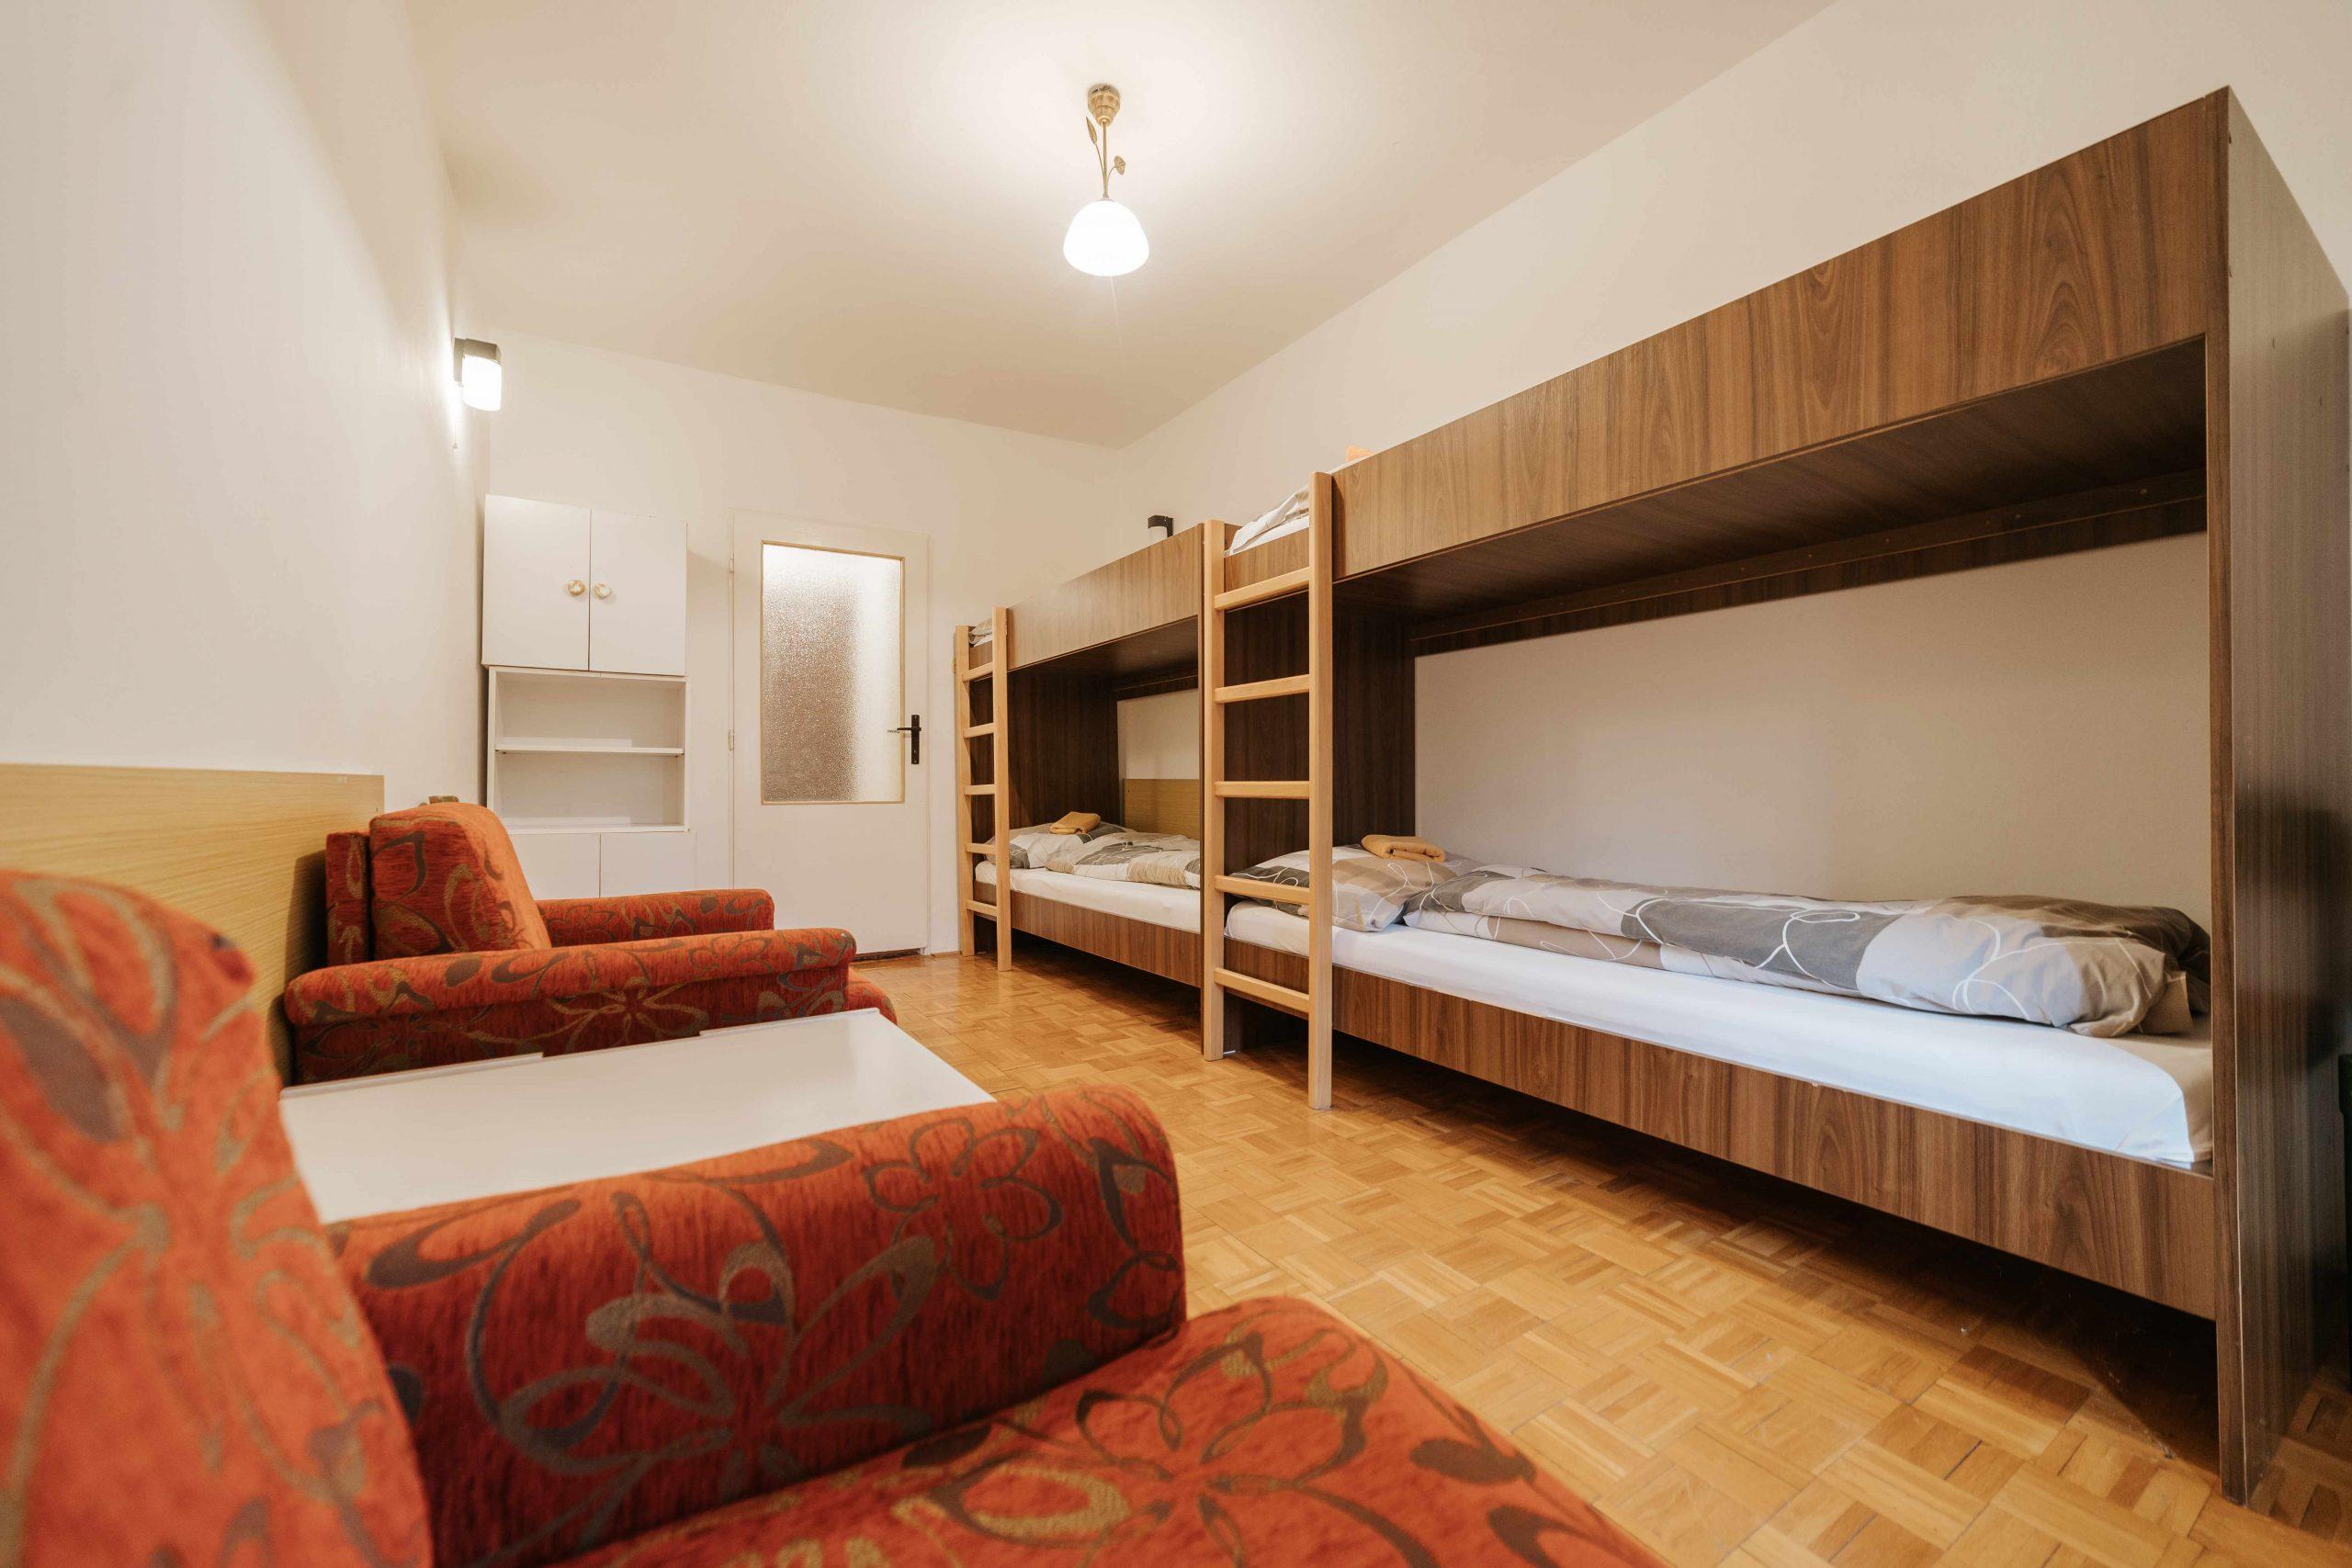 Štvorlôžková izba s poschodovými posteľami